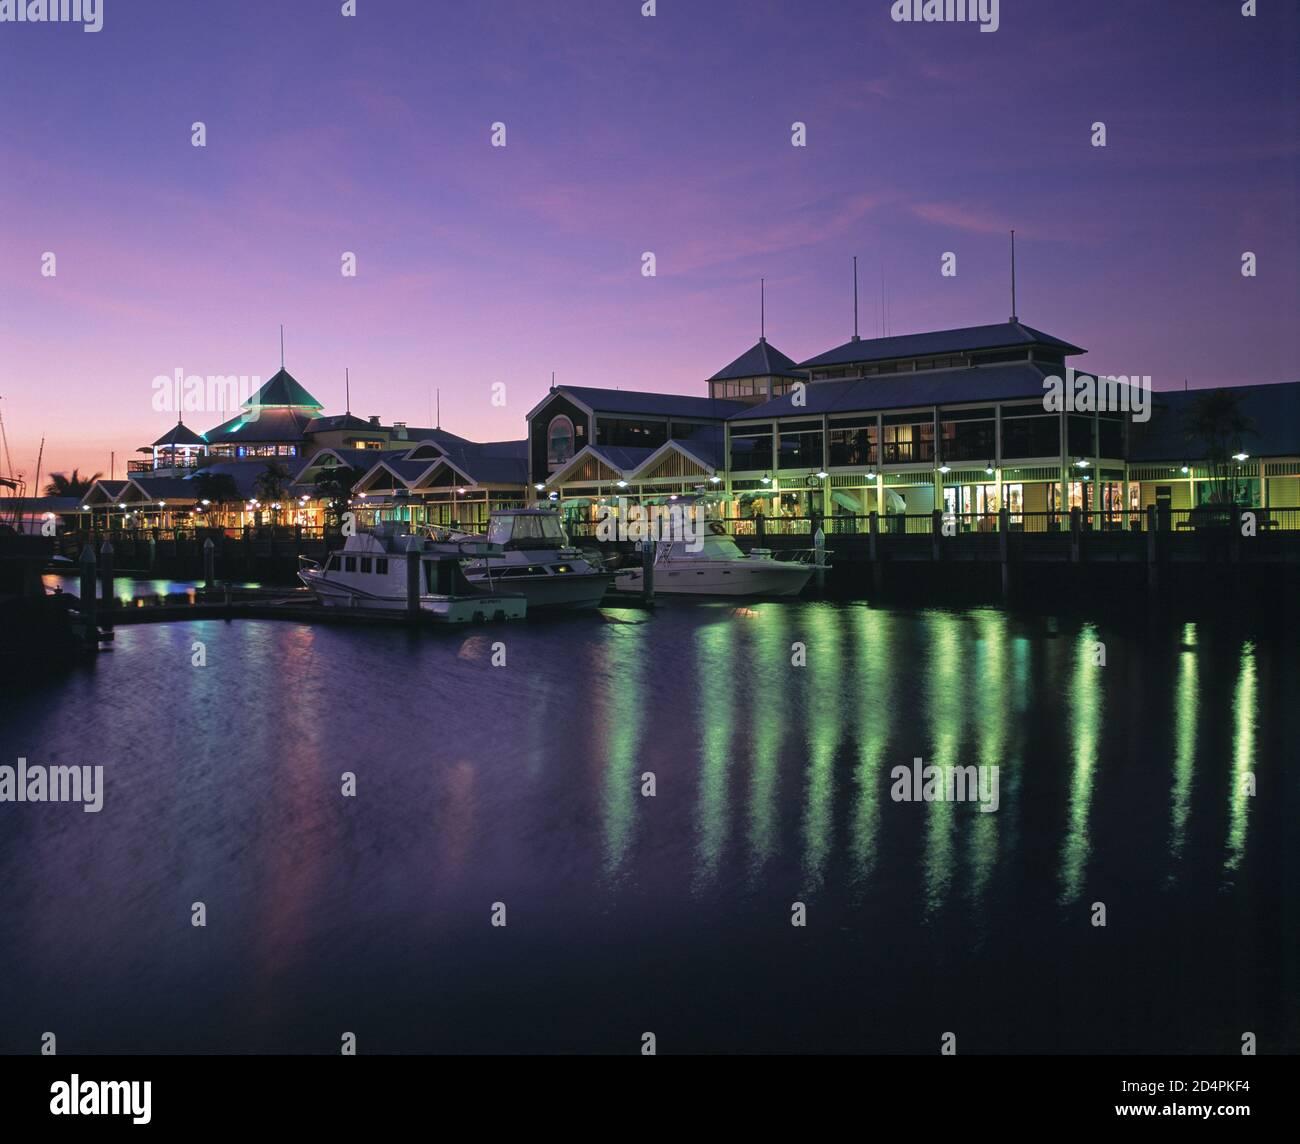 Australia. Queensland. Región de Cairns. Puerto Douglas. Puerto de barcos Marina Mirage y galería comercial al atardecer. Foto de stock